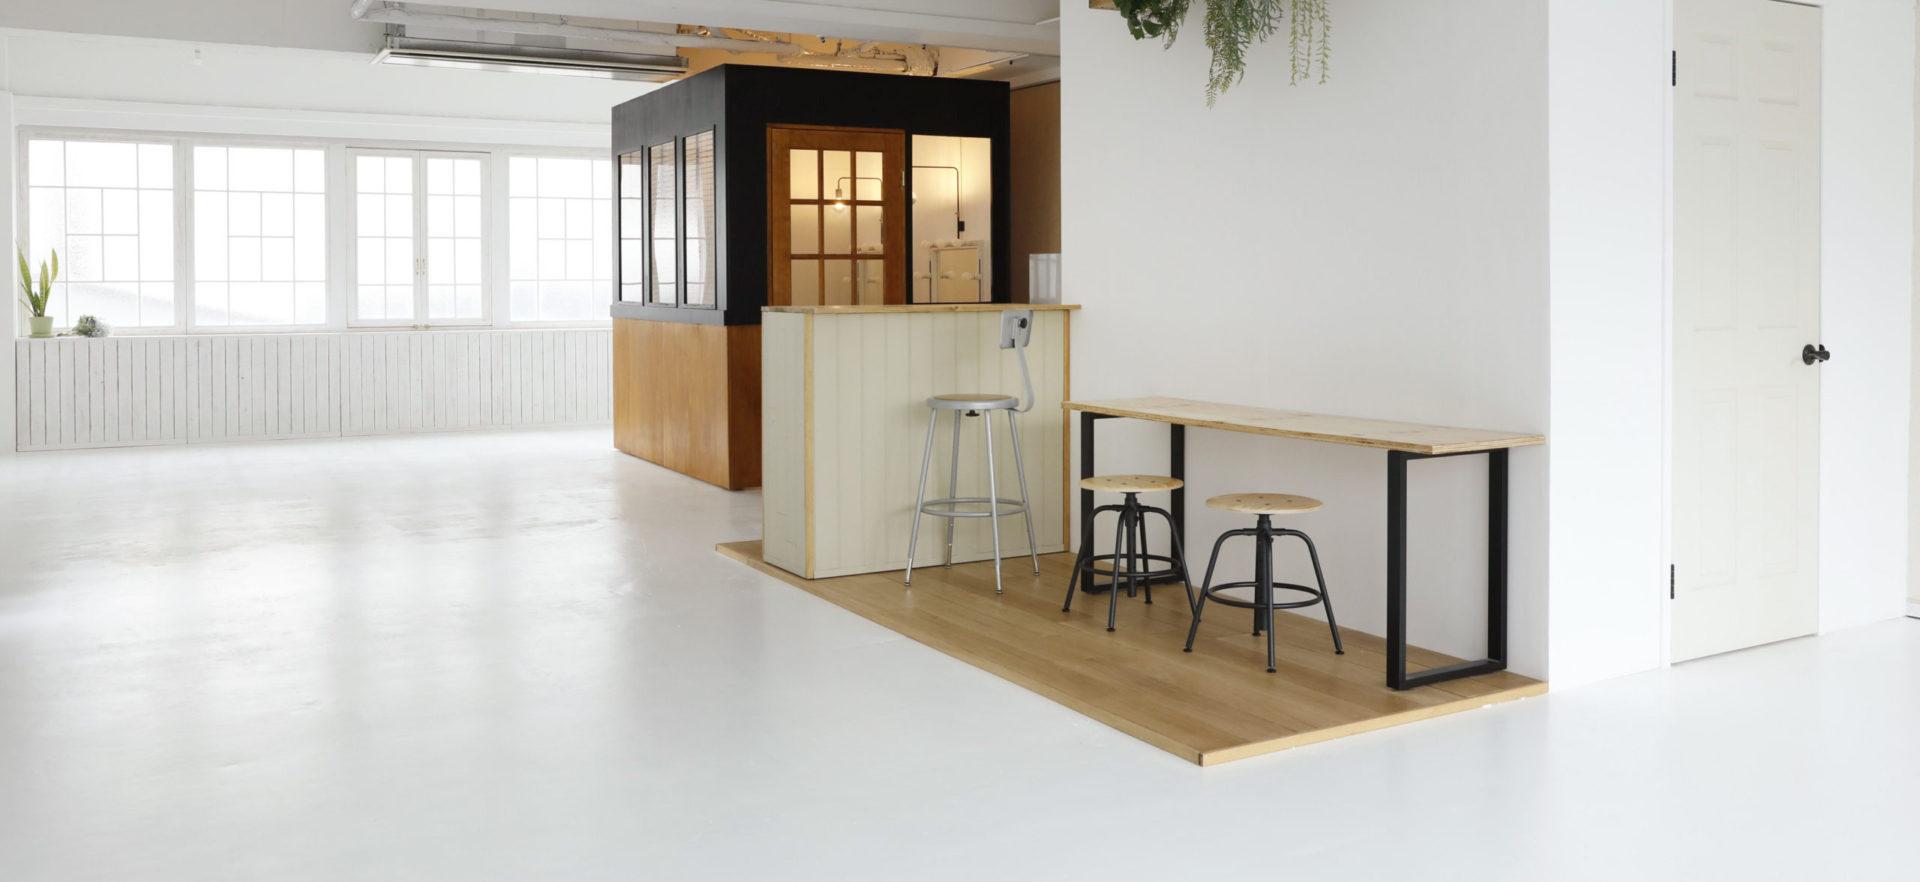 Studio Mired